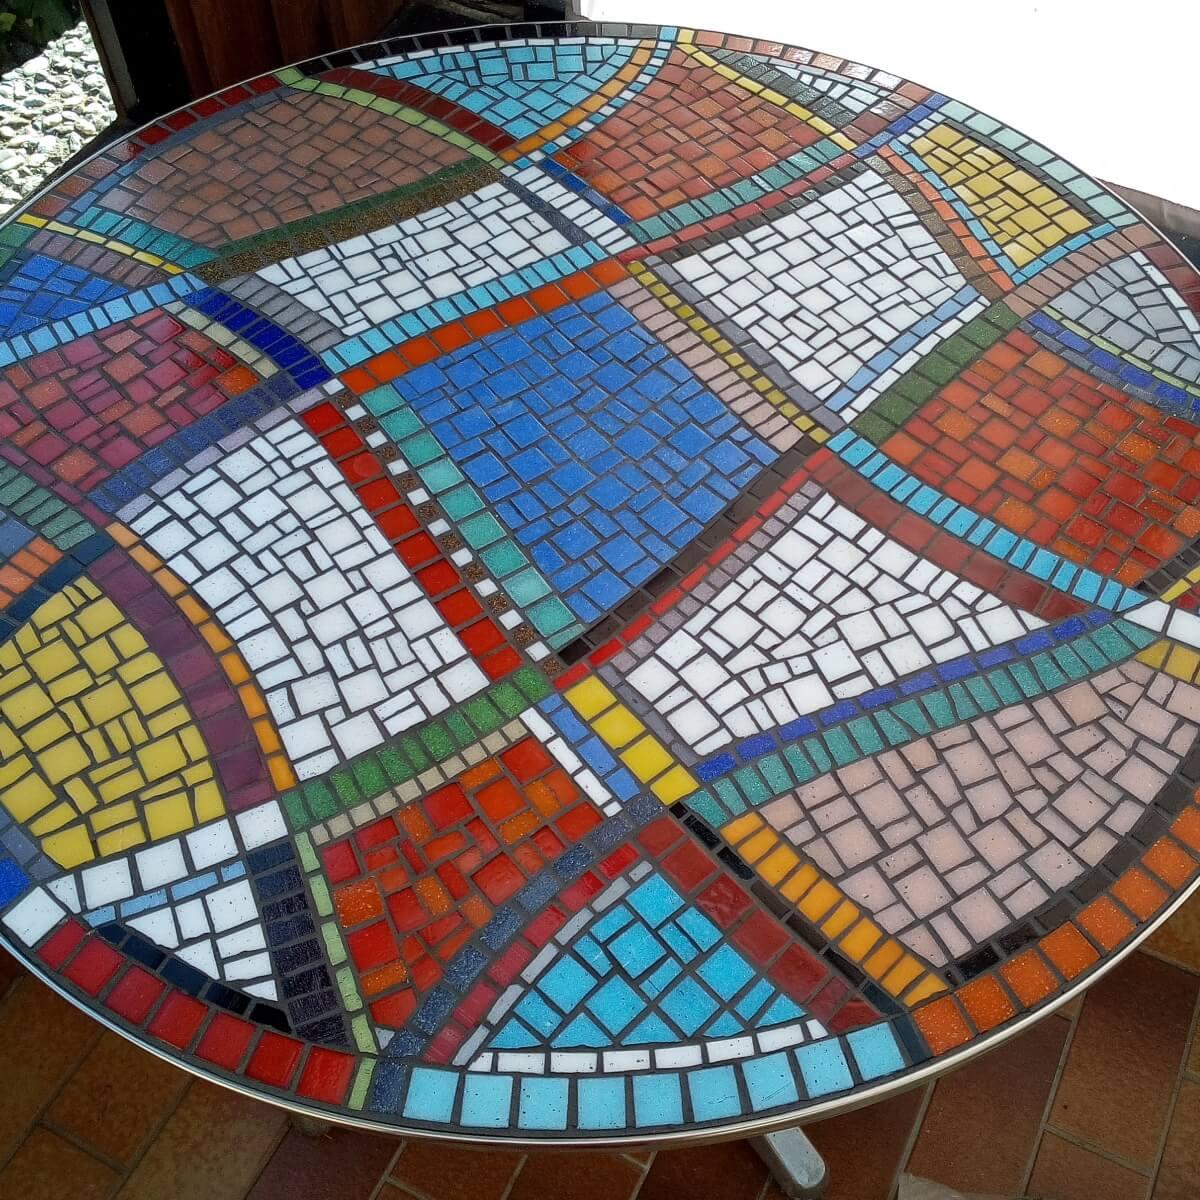 Tisch mit Mosaik